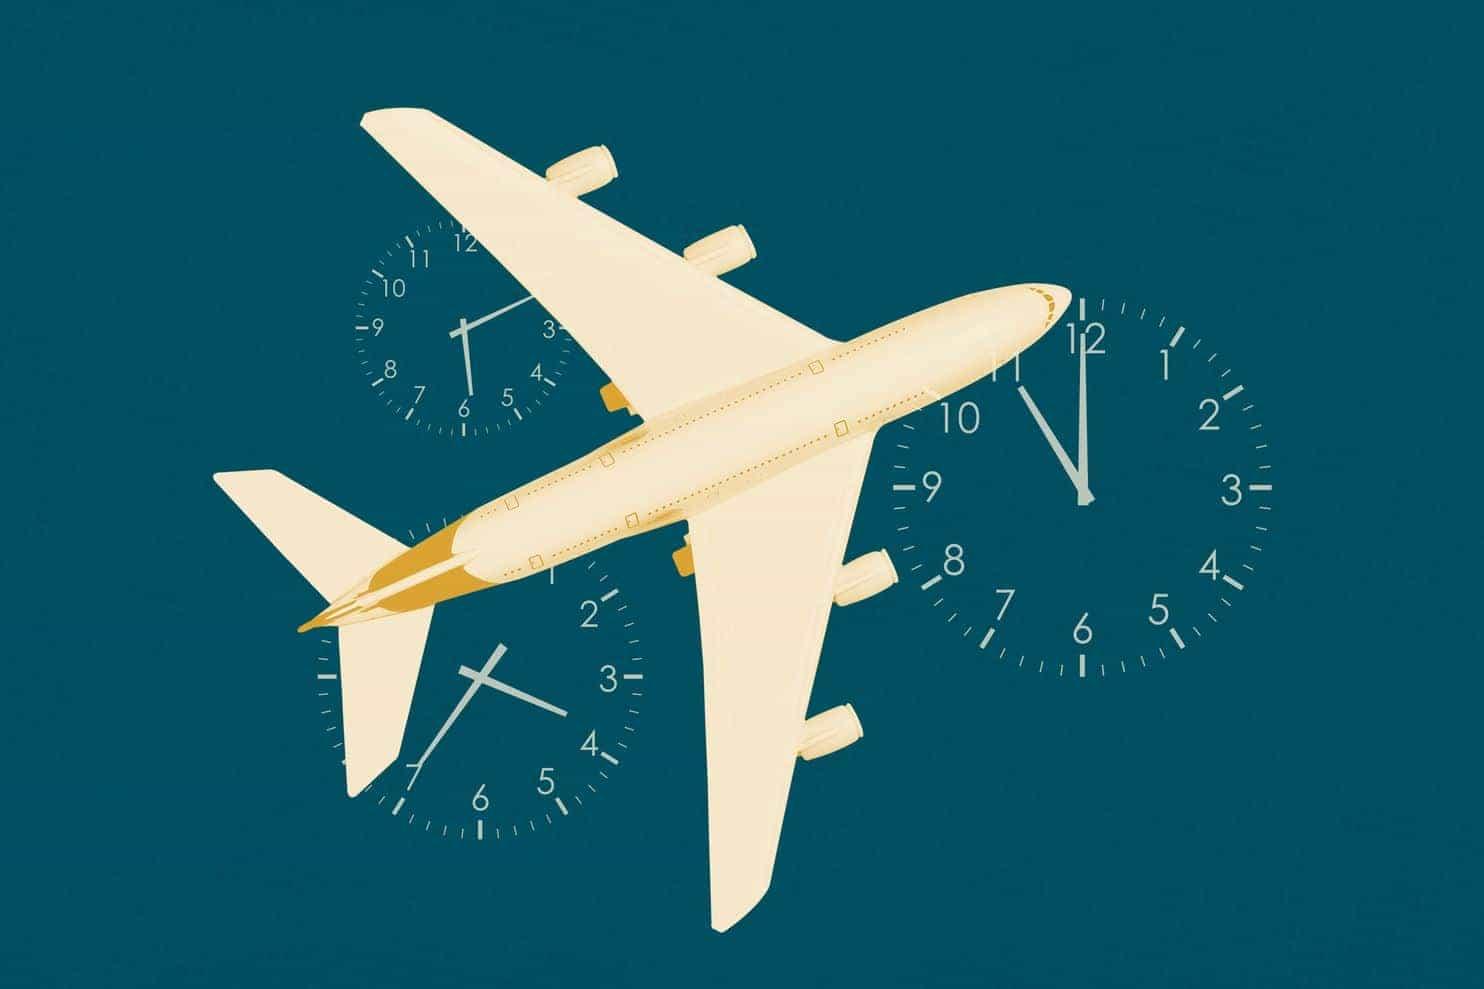 полети 3 - Изгодни полети